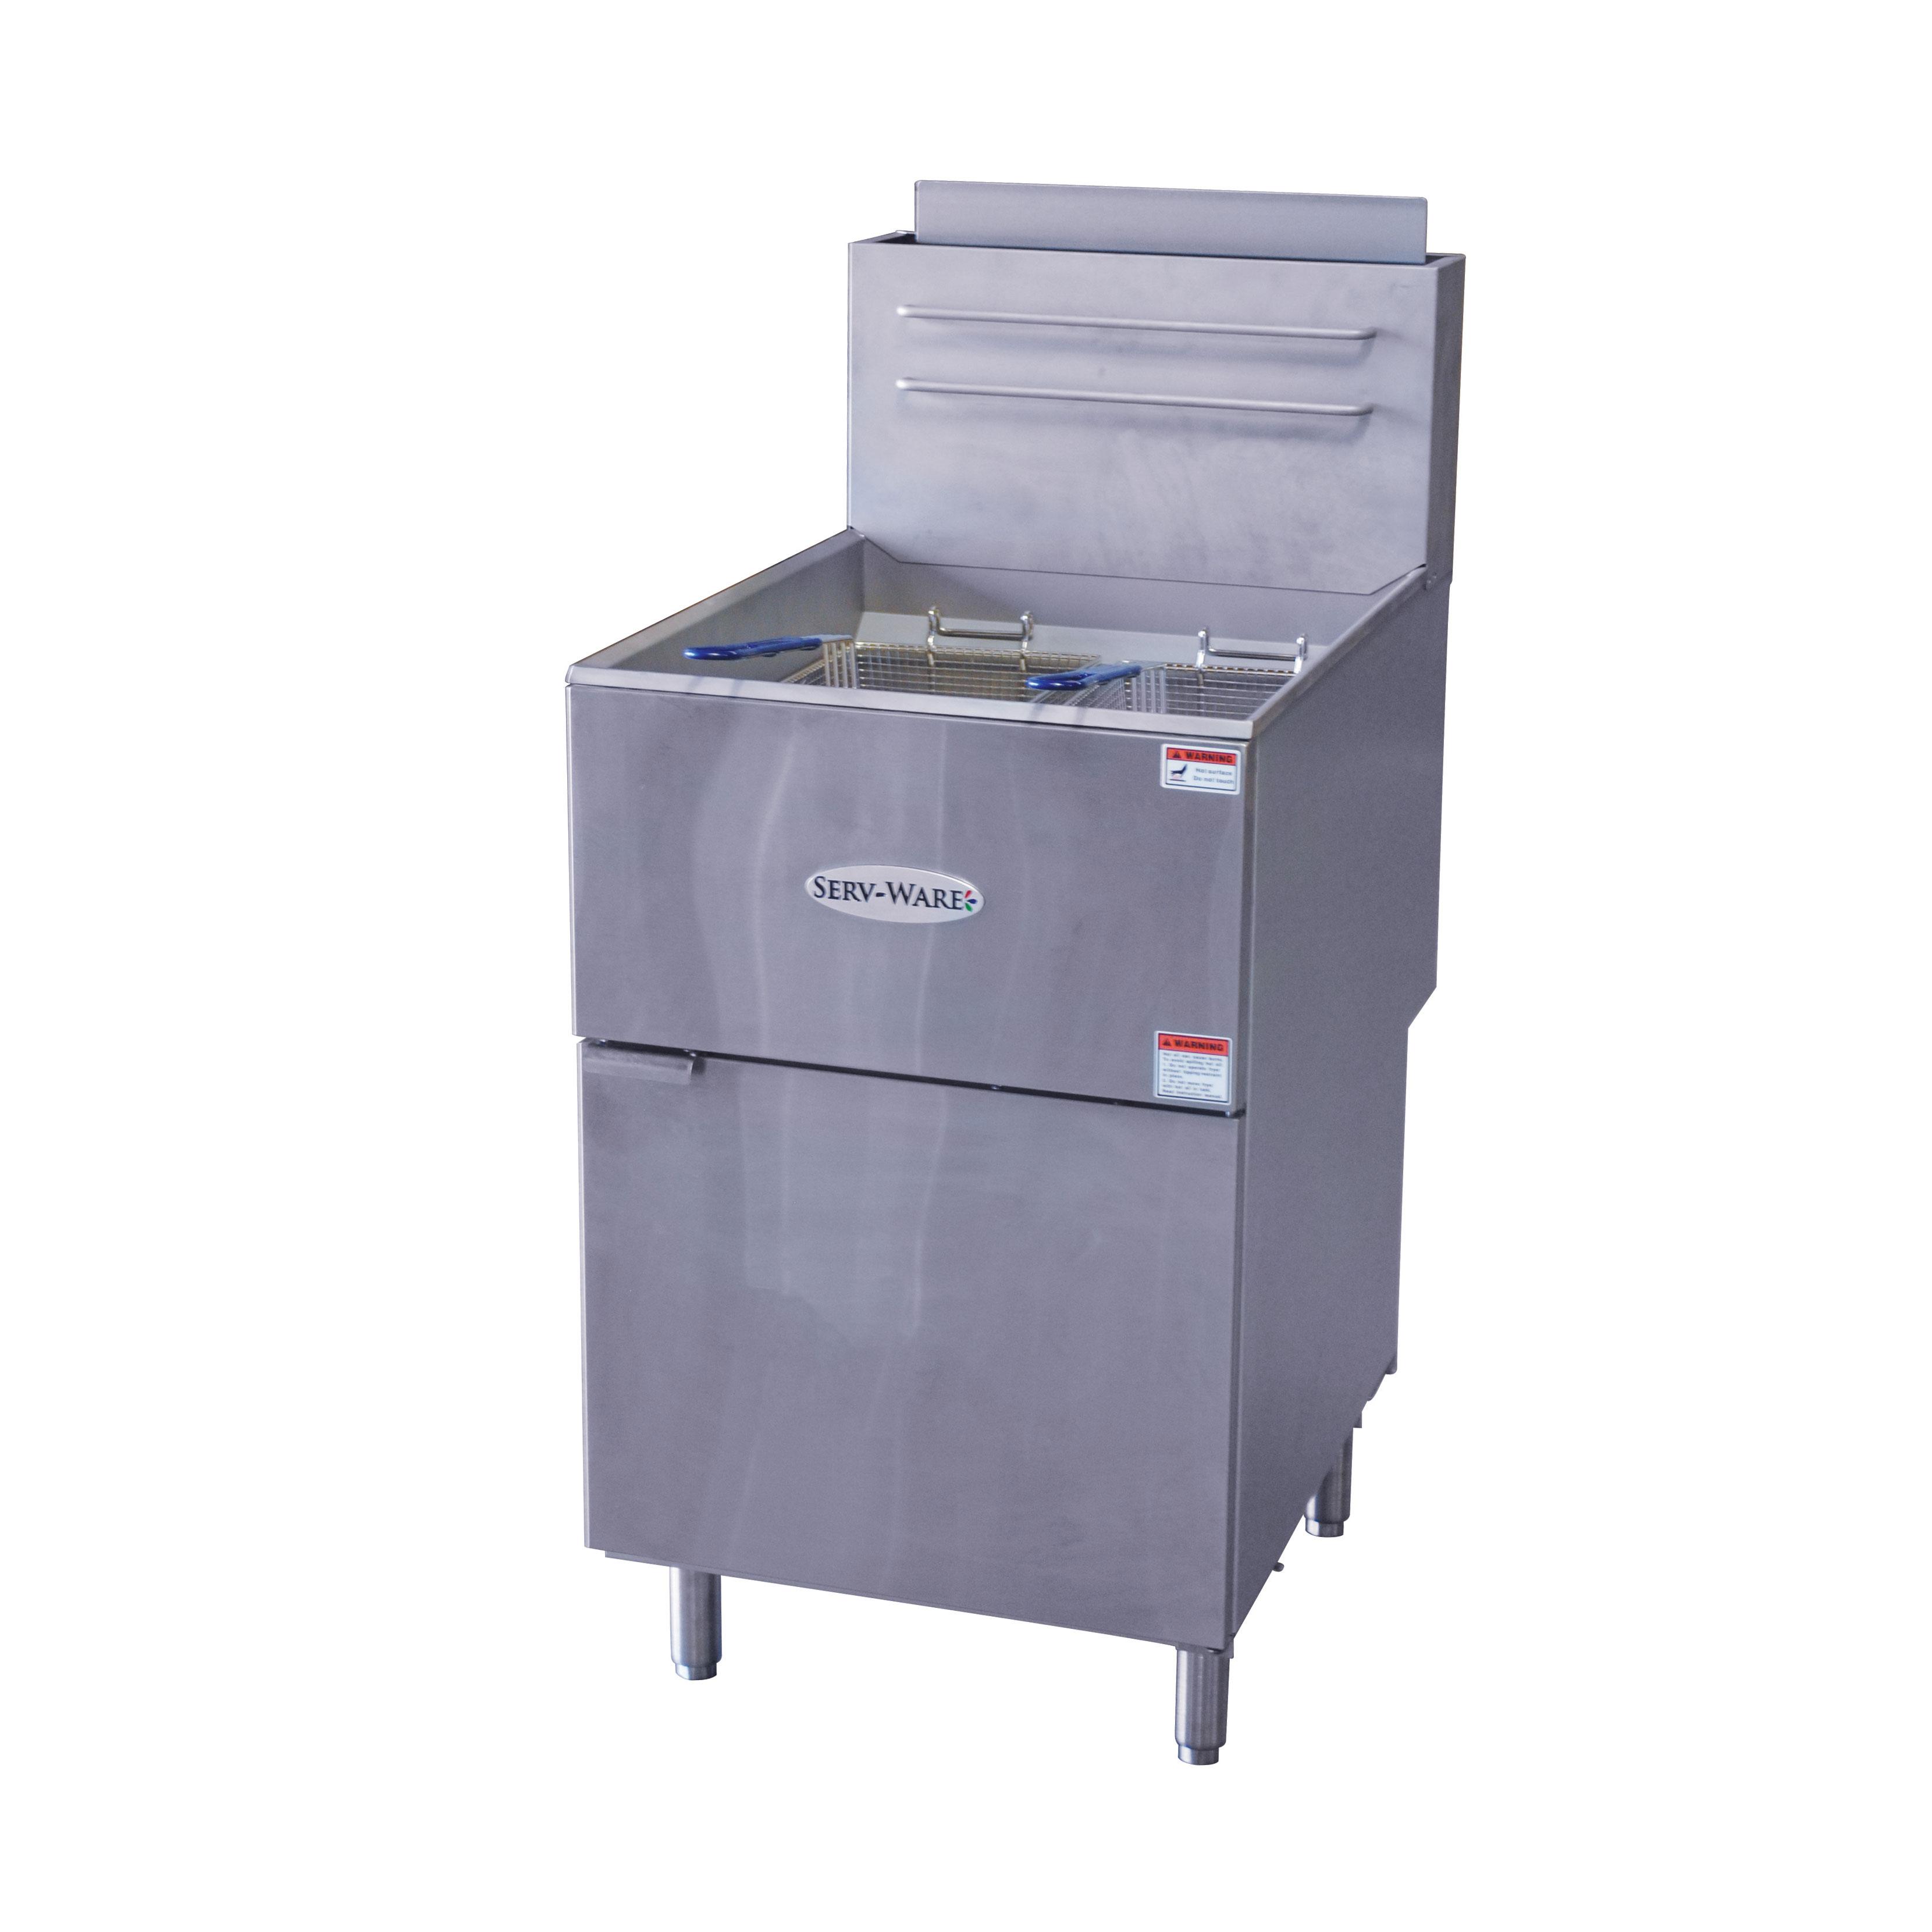 Serv-Ware SGF-70N fryer, gas, floor model, full pot